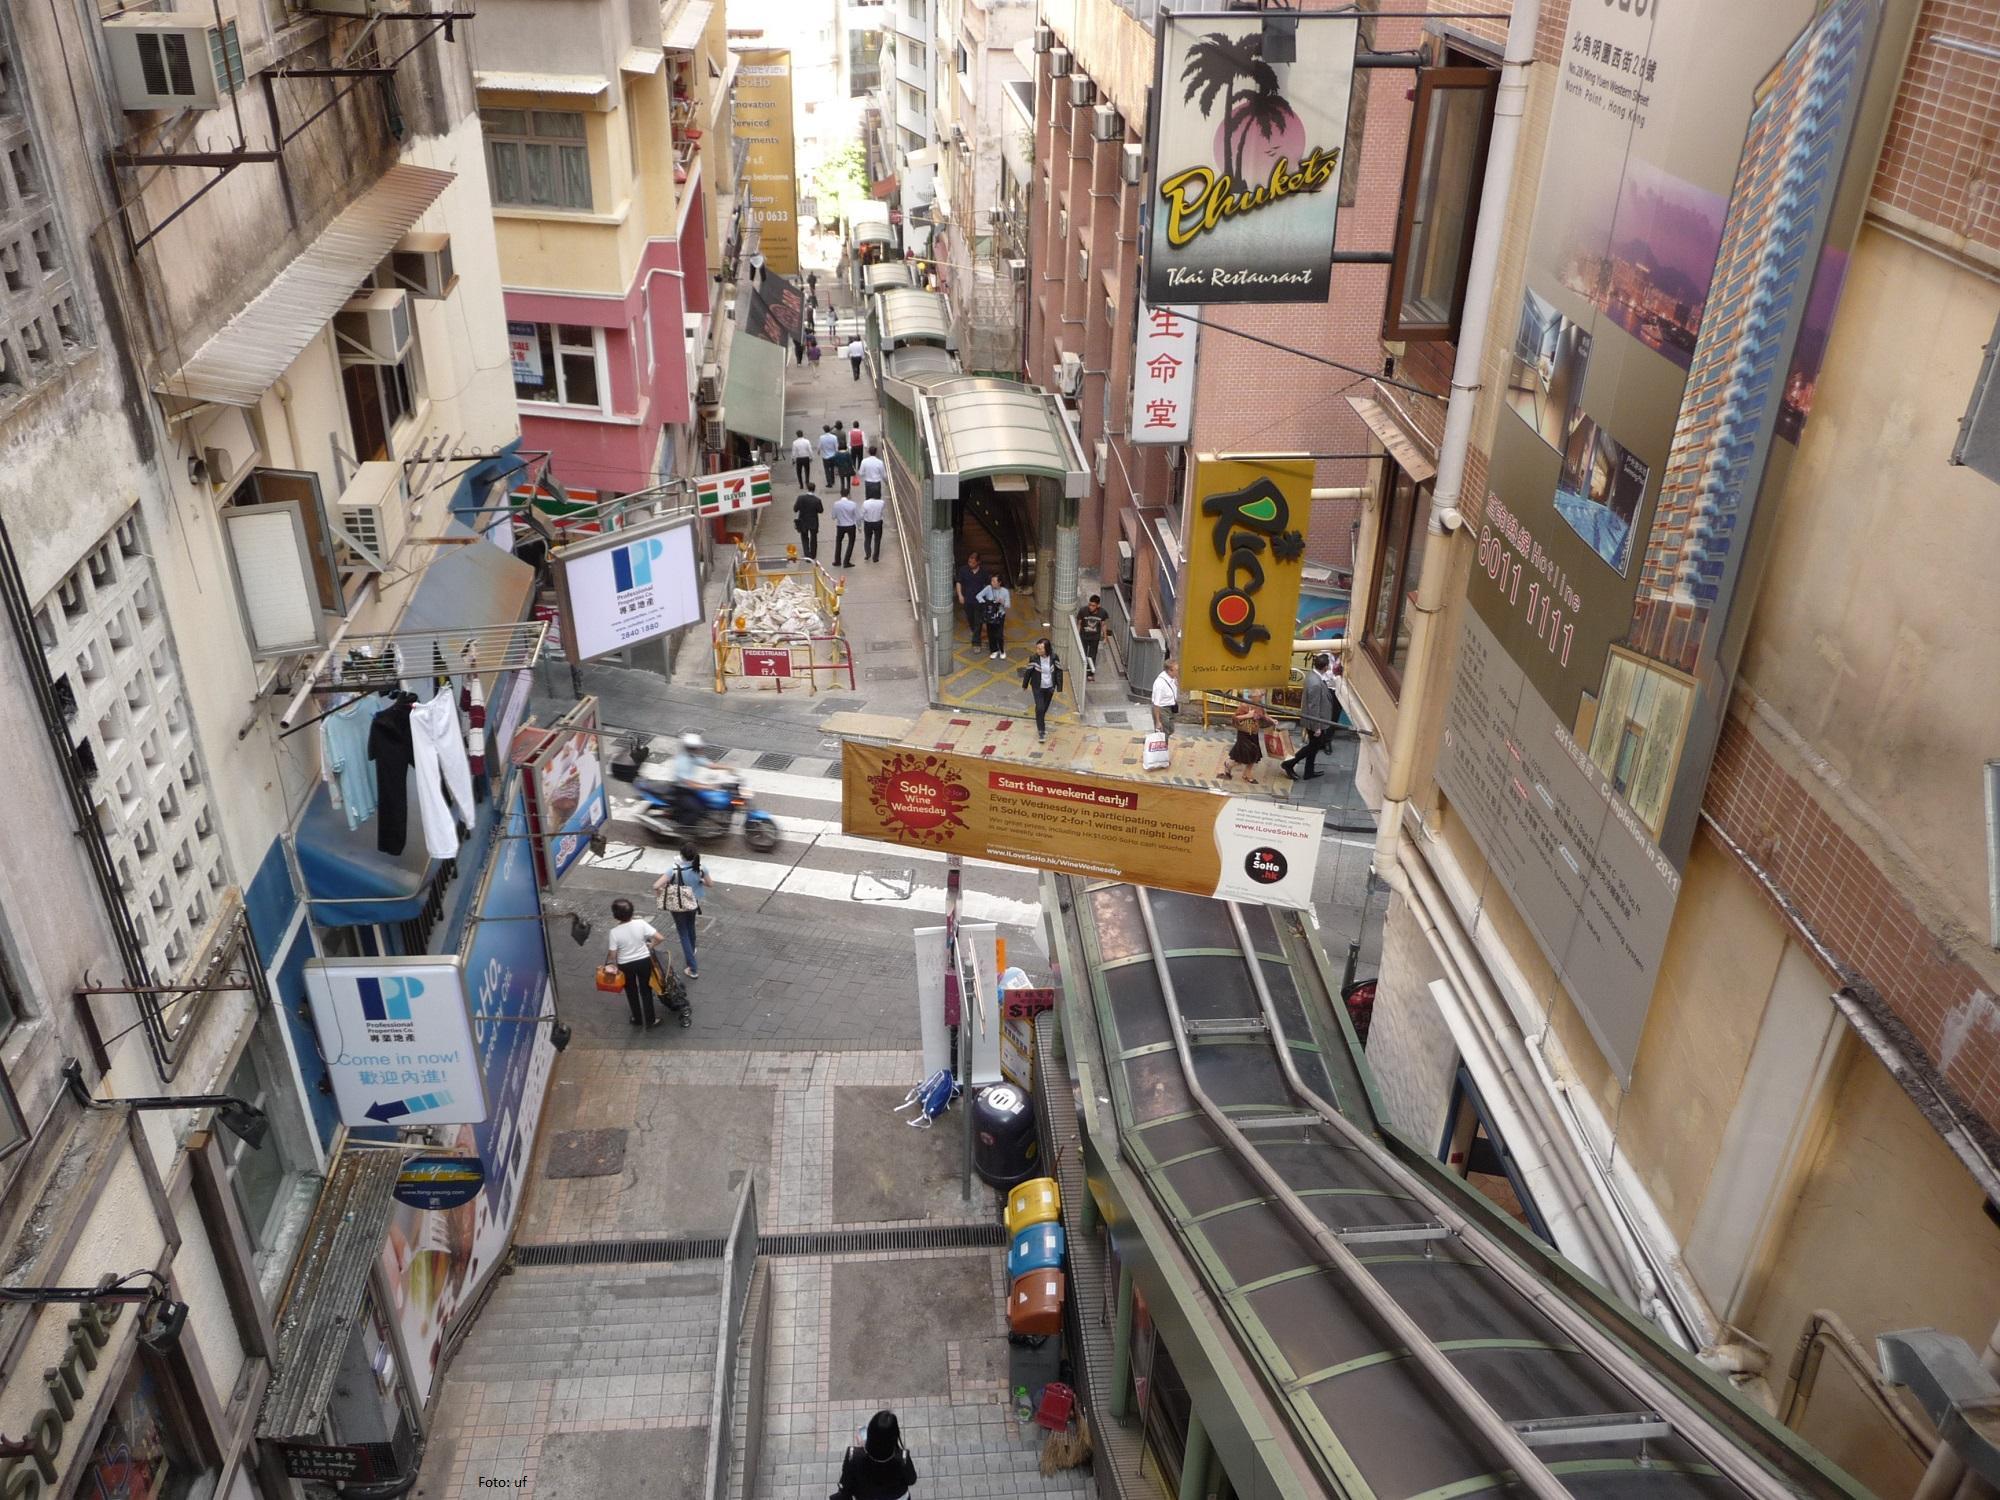 Escalator Hong Kong Island - Reihe von Rolltreppen im Viertel Mid-Levels